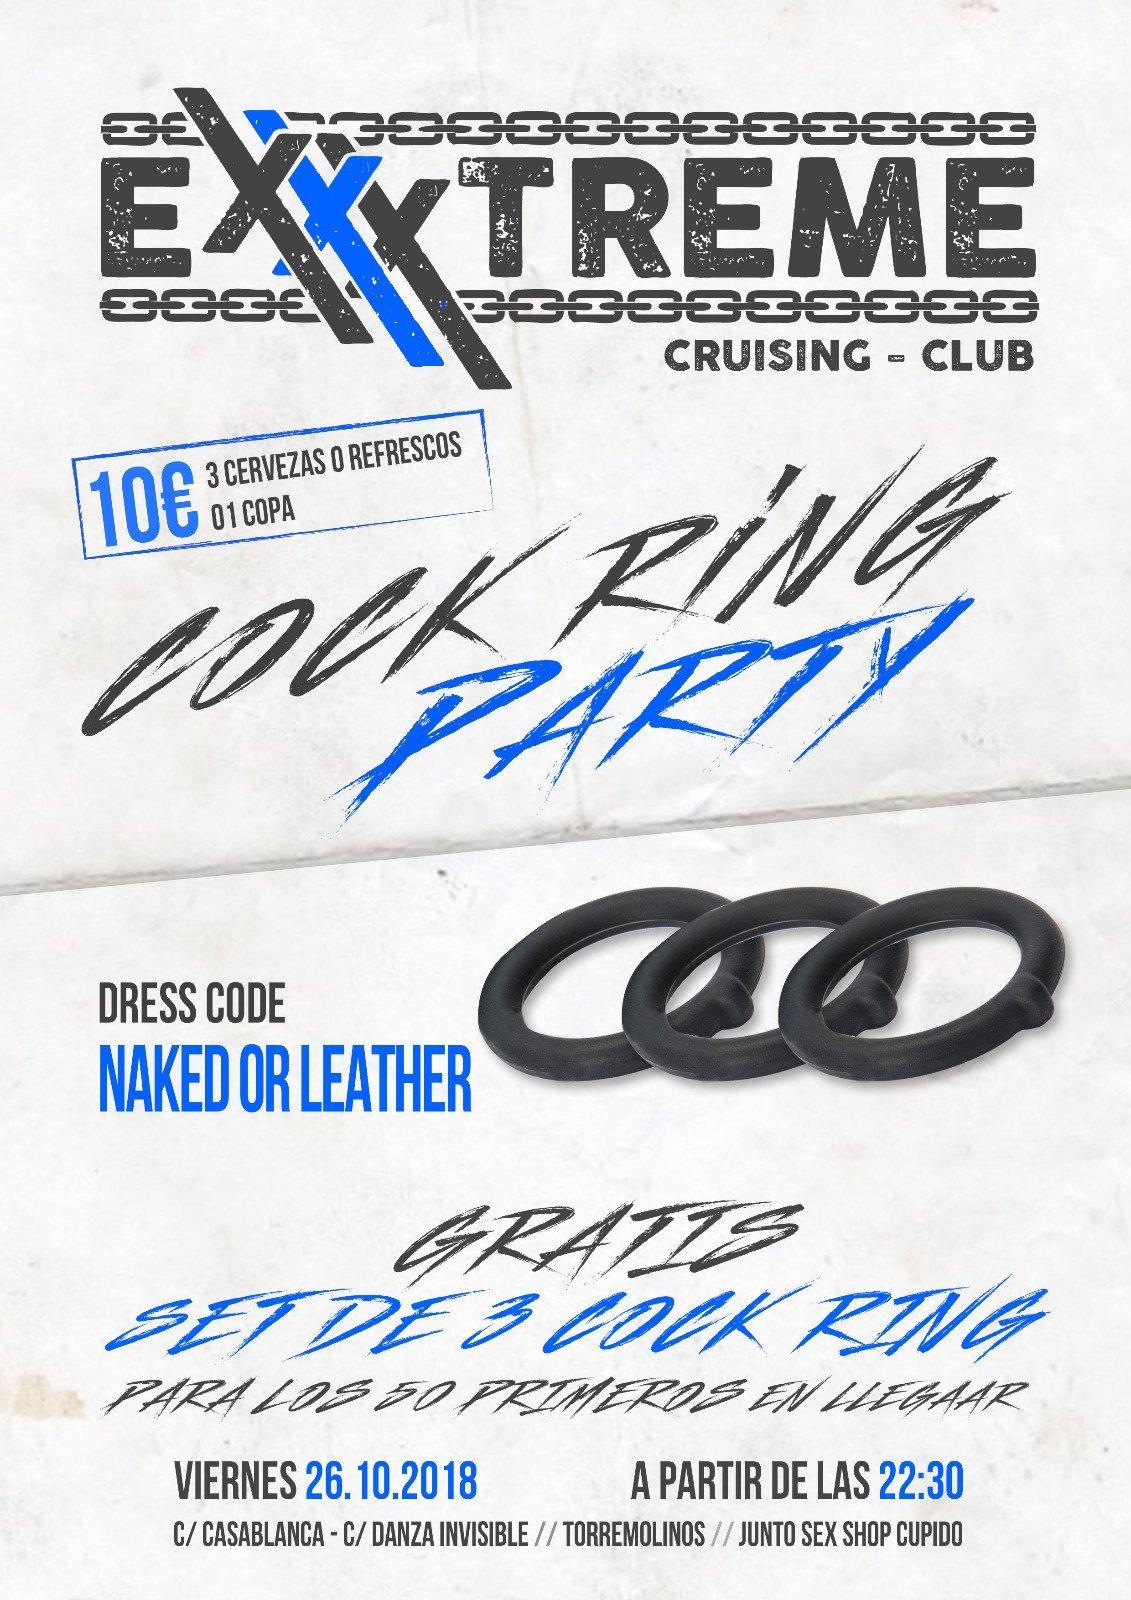 VIERNES 25 COCK RING PARTY EN EXXXTREME CLUB